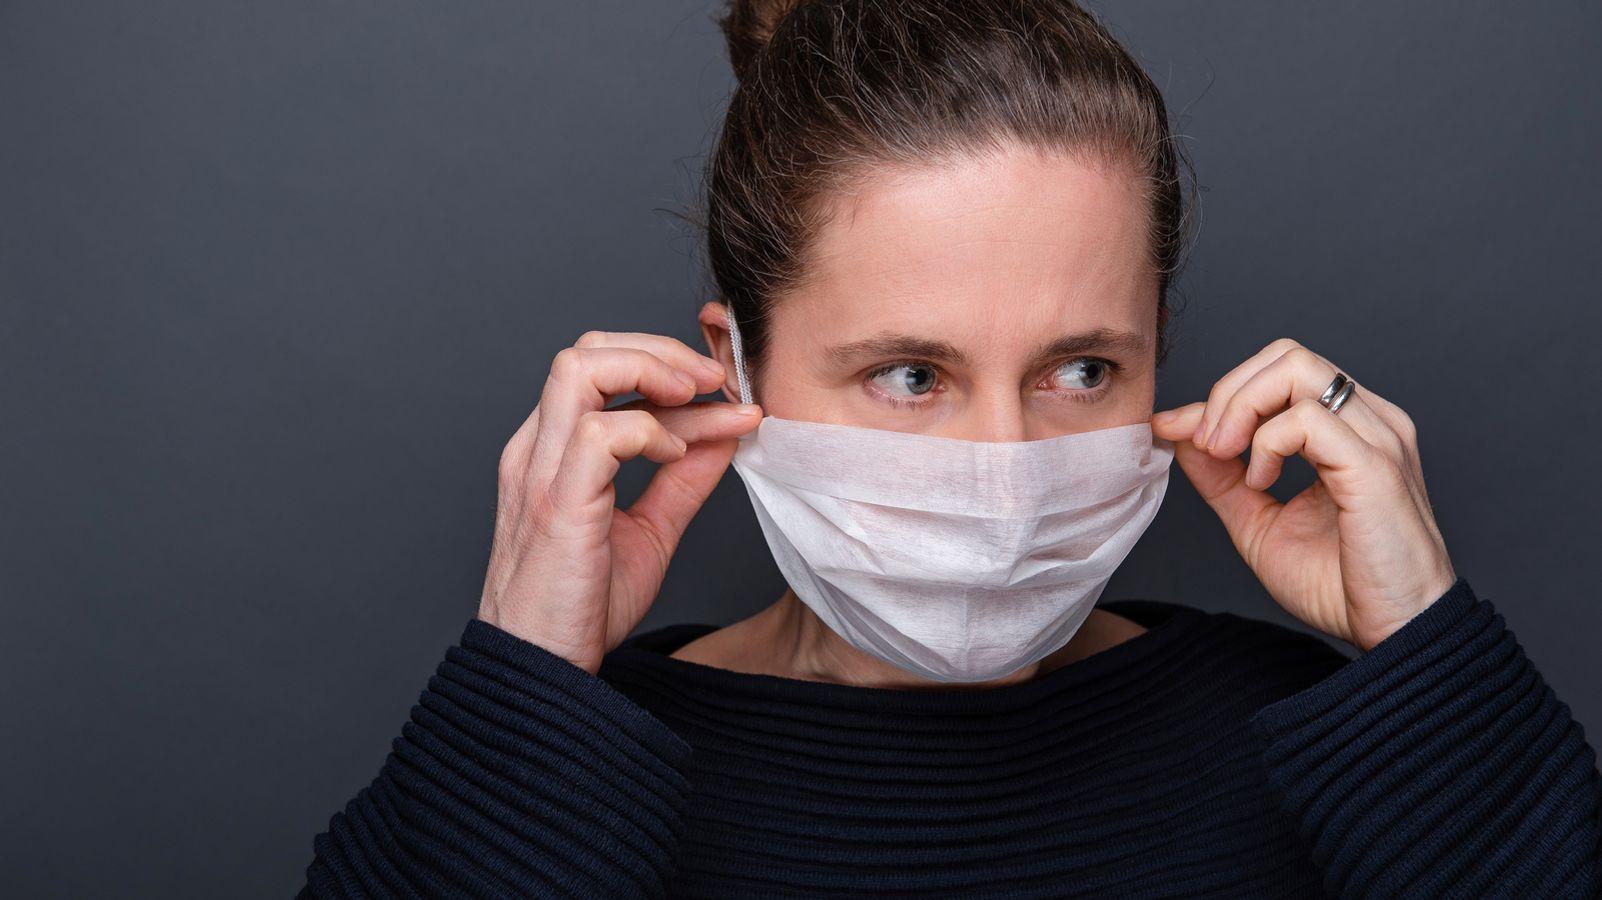 Coronavirus: FFP-Maske, Nase-Mund-Schutz oder selber machen?